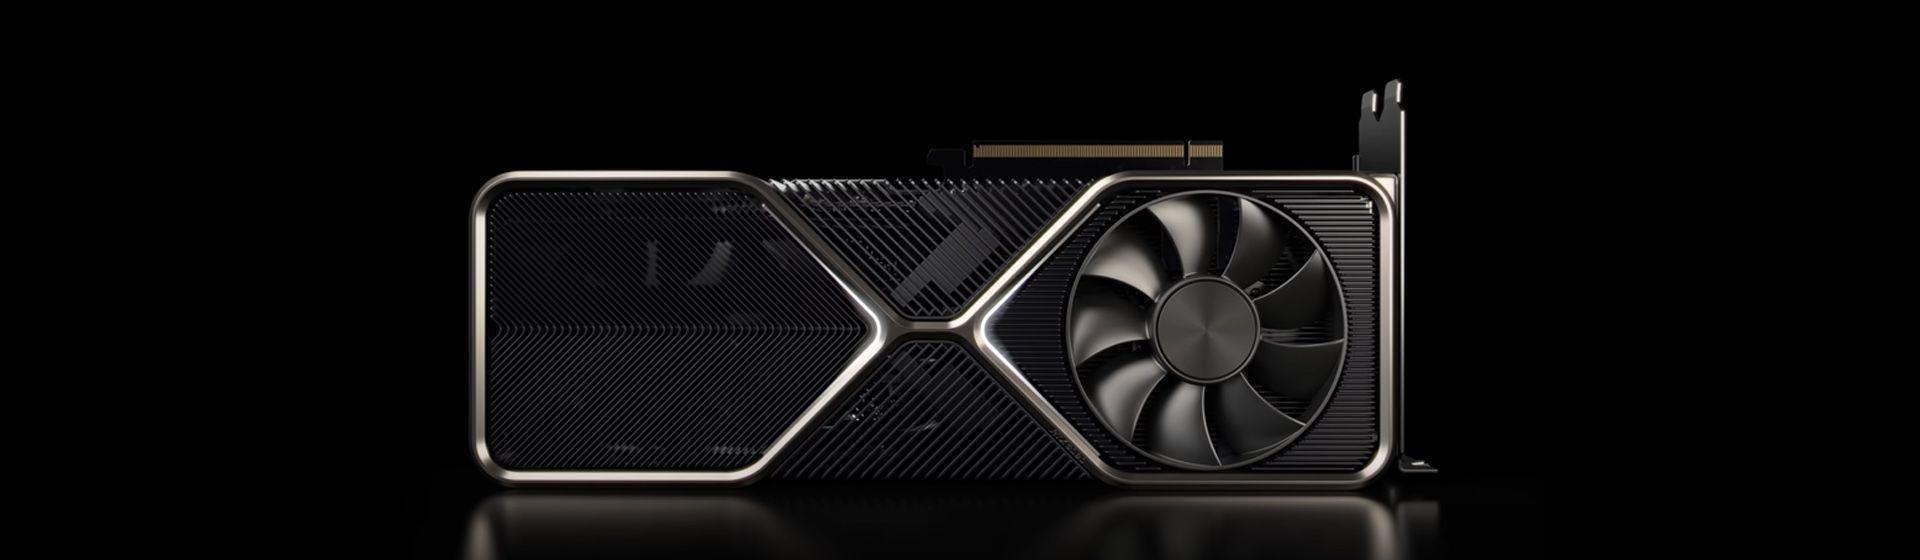 Lenovo confirma placas GeForce RTX 3050, 3050 Ti e 3060